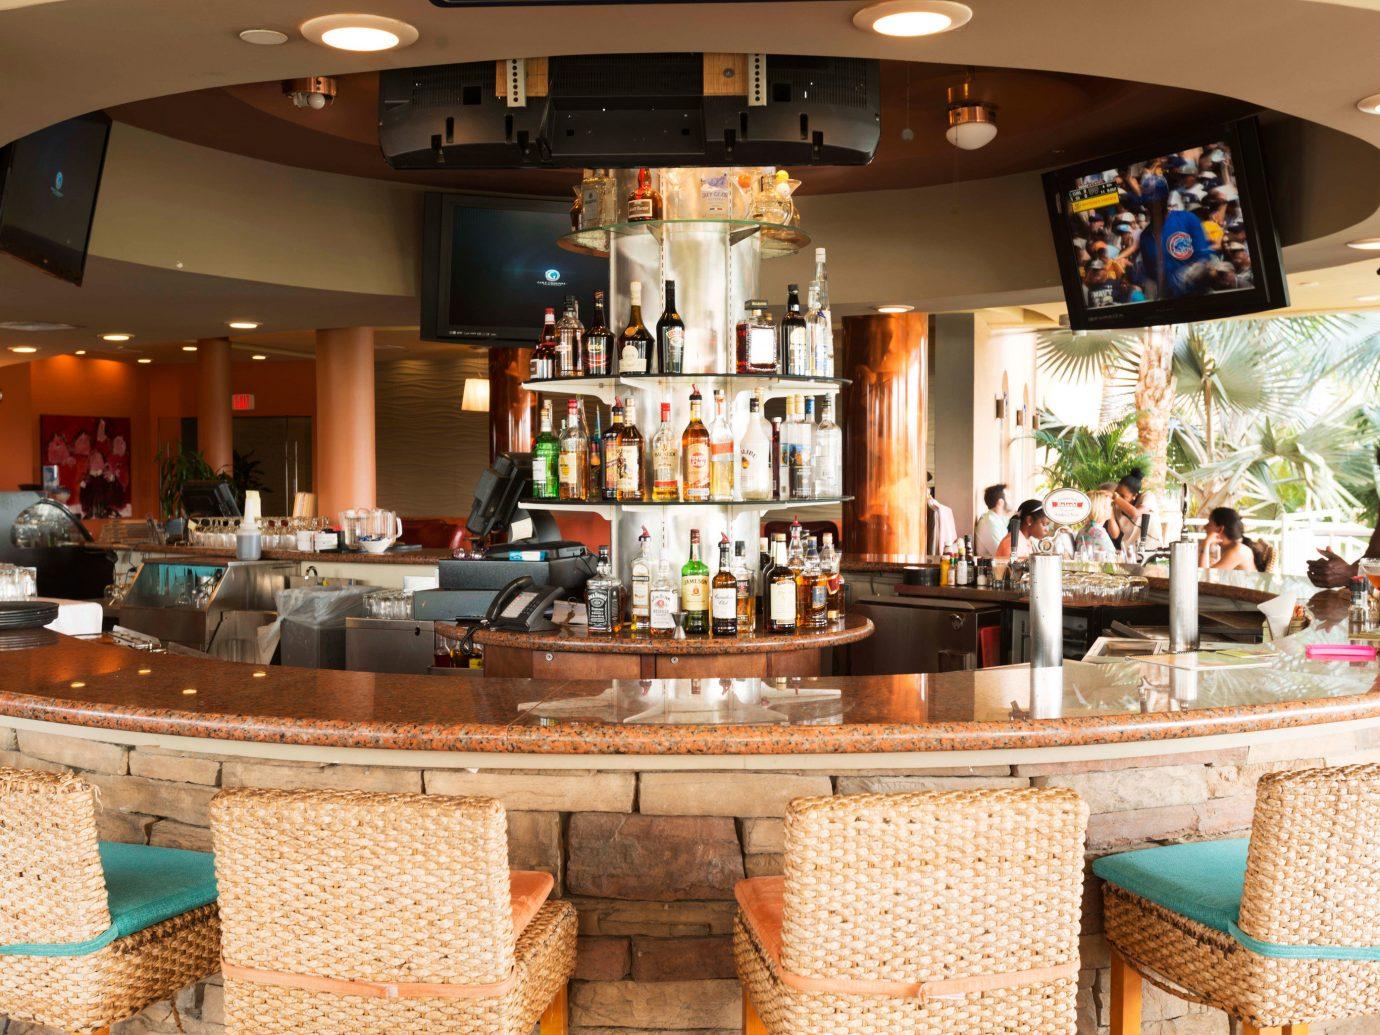 Hotels indoor ceiling meal restaurant estate Bar interior design Resort furniture Island